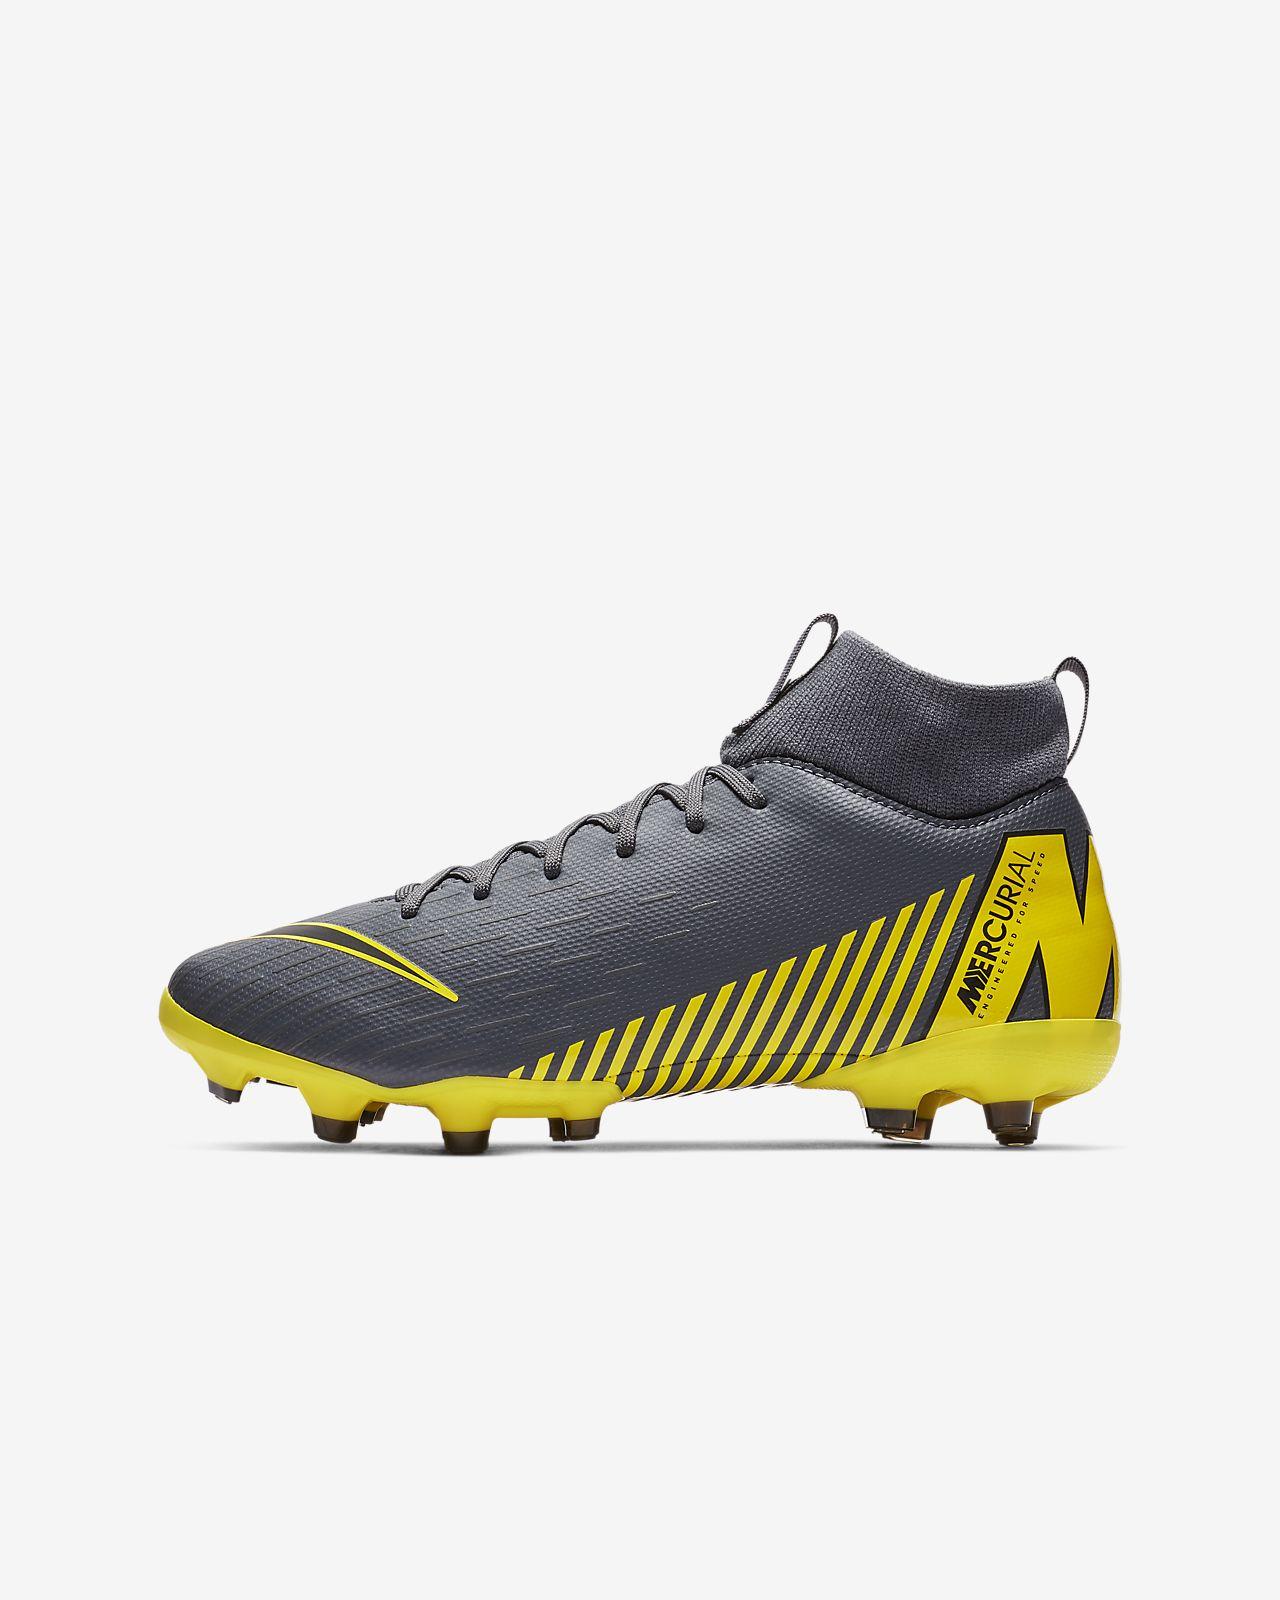 Calzado de fútbol para múltiples superficies para niños talla pequeña/grande Nike Jr. Superfly 6 Academy MG Game Over